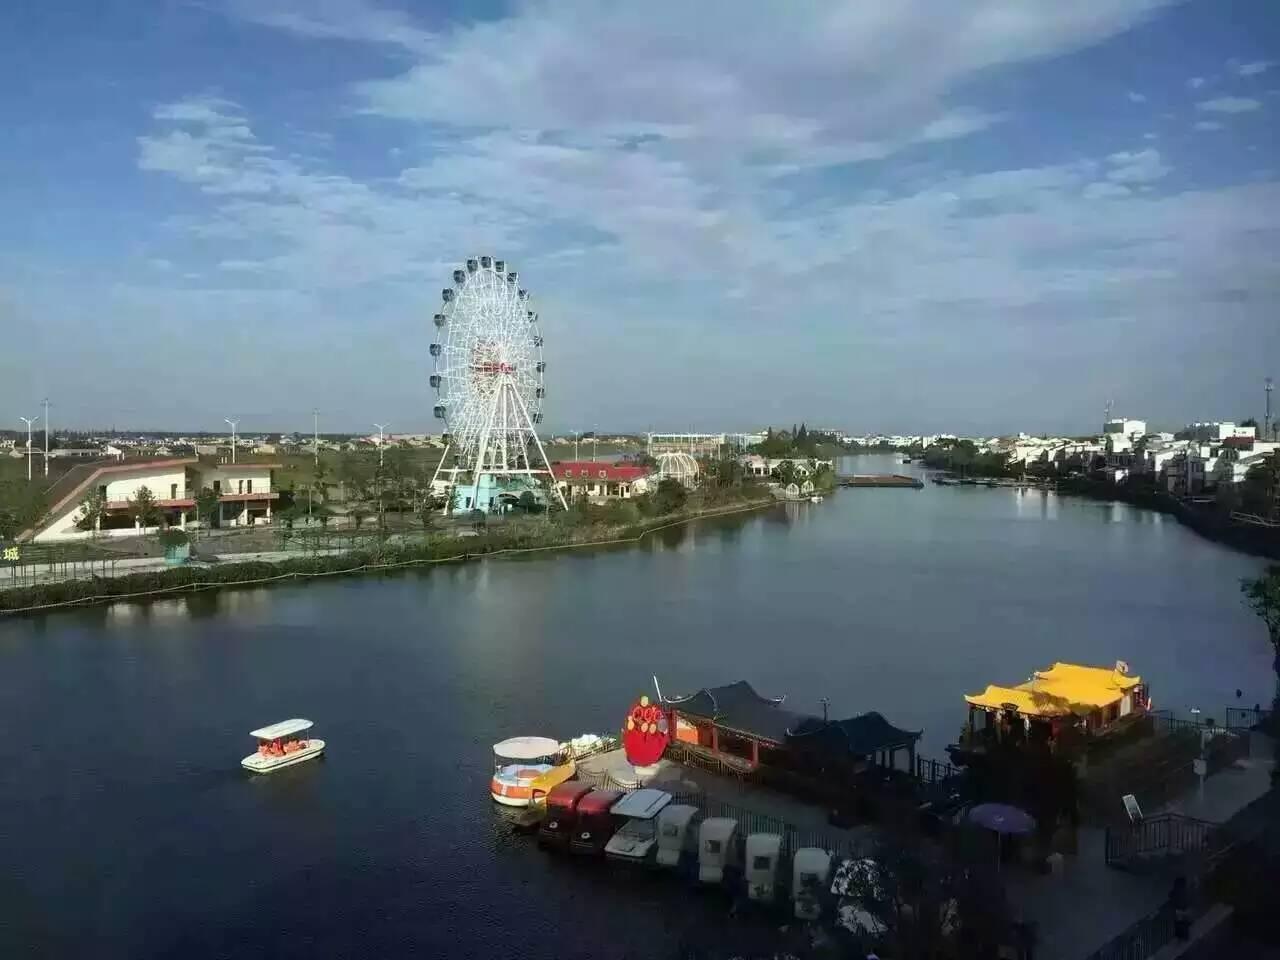 柏略图旅游景点攻乐园湖鸭青海攻略图片